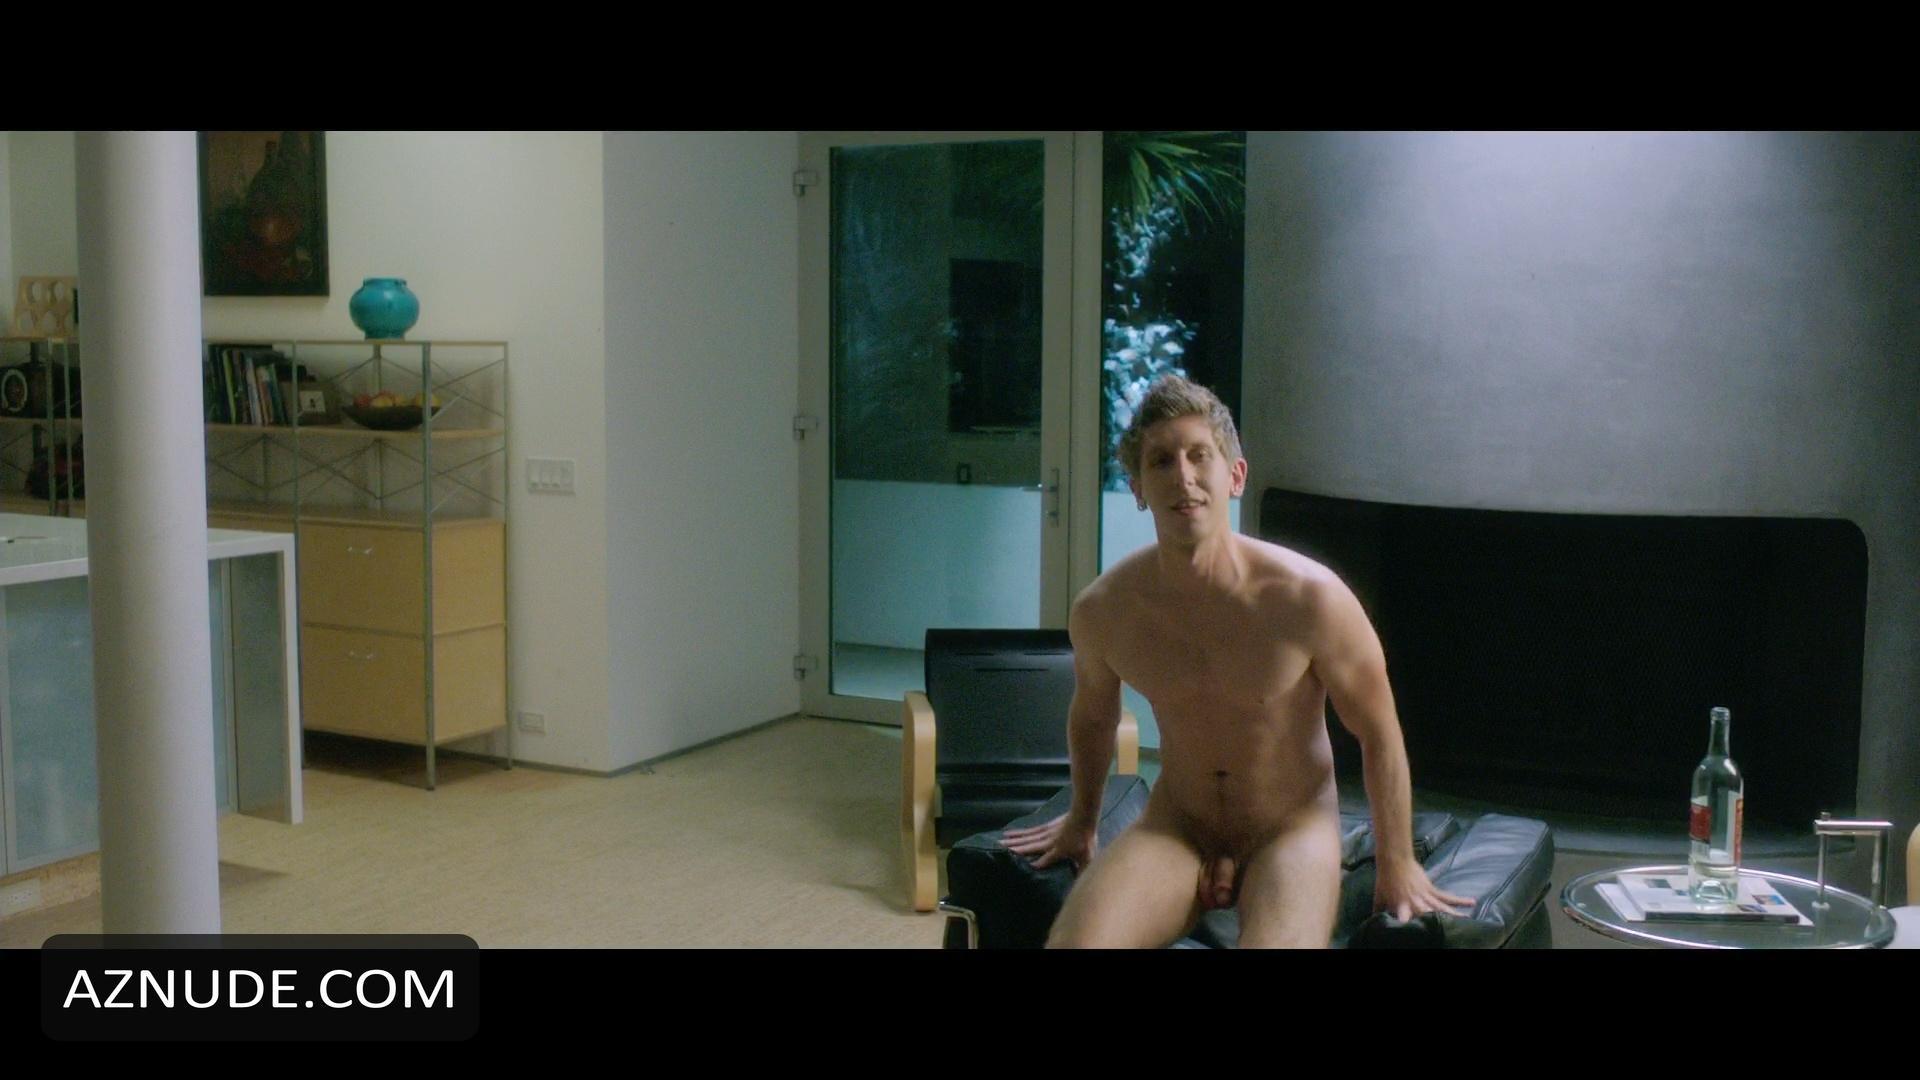 Movie Scene Porn Gay Videos  Pornhubcom